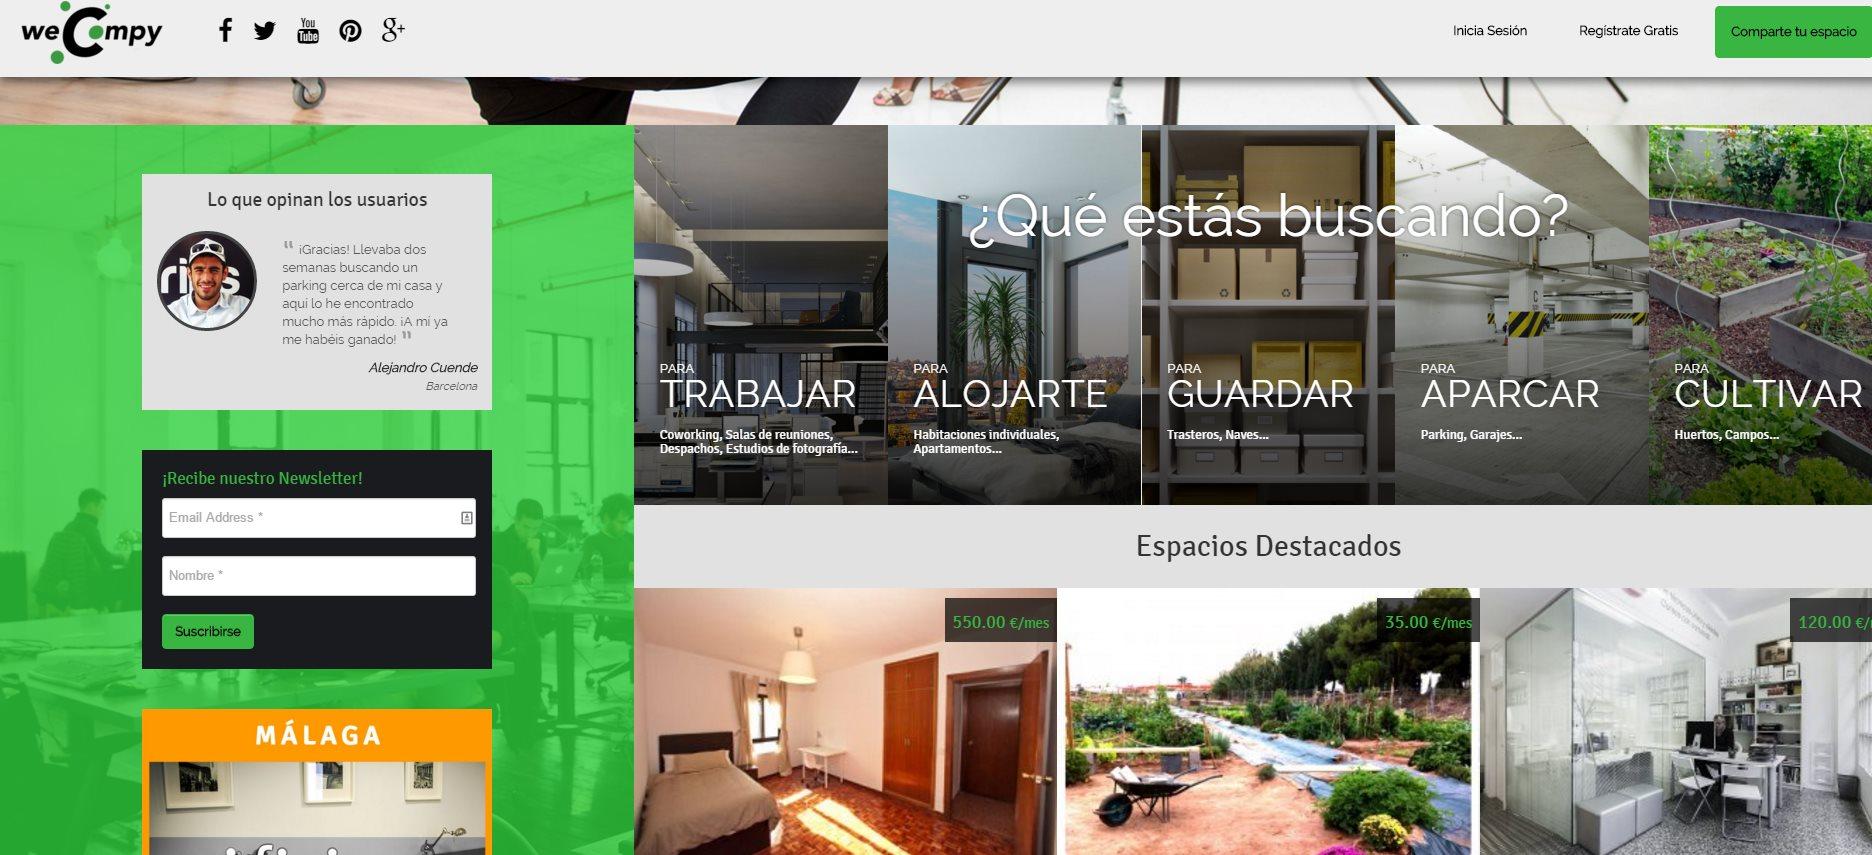 weCompy, un nuevo portal para compartir espacios de todo tipo